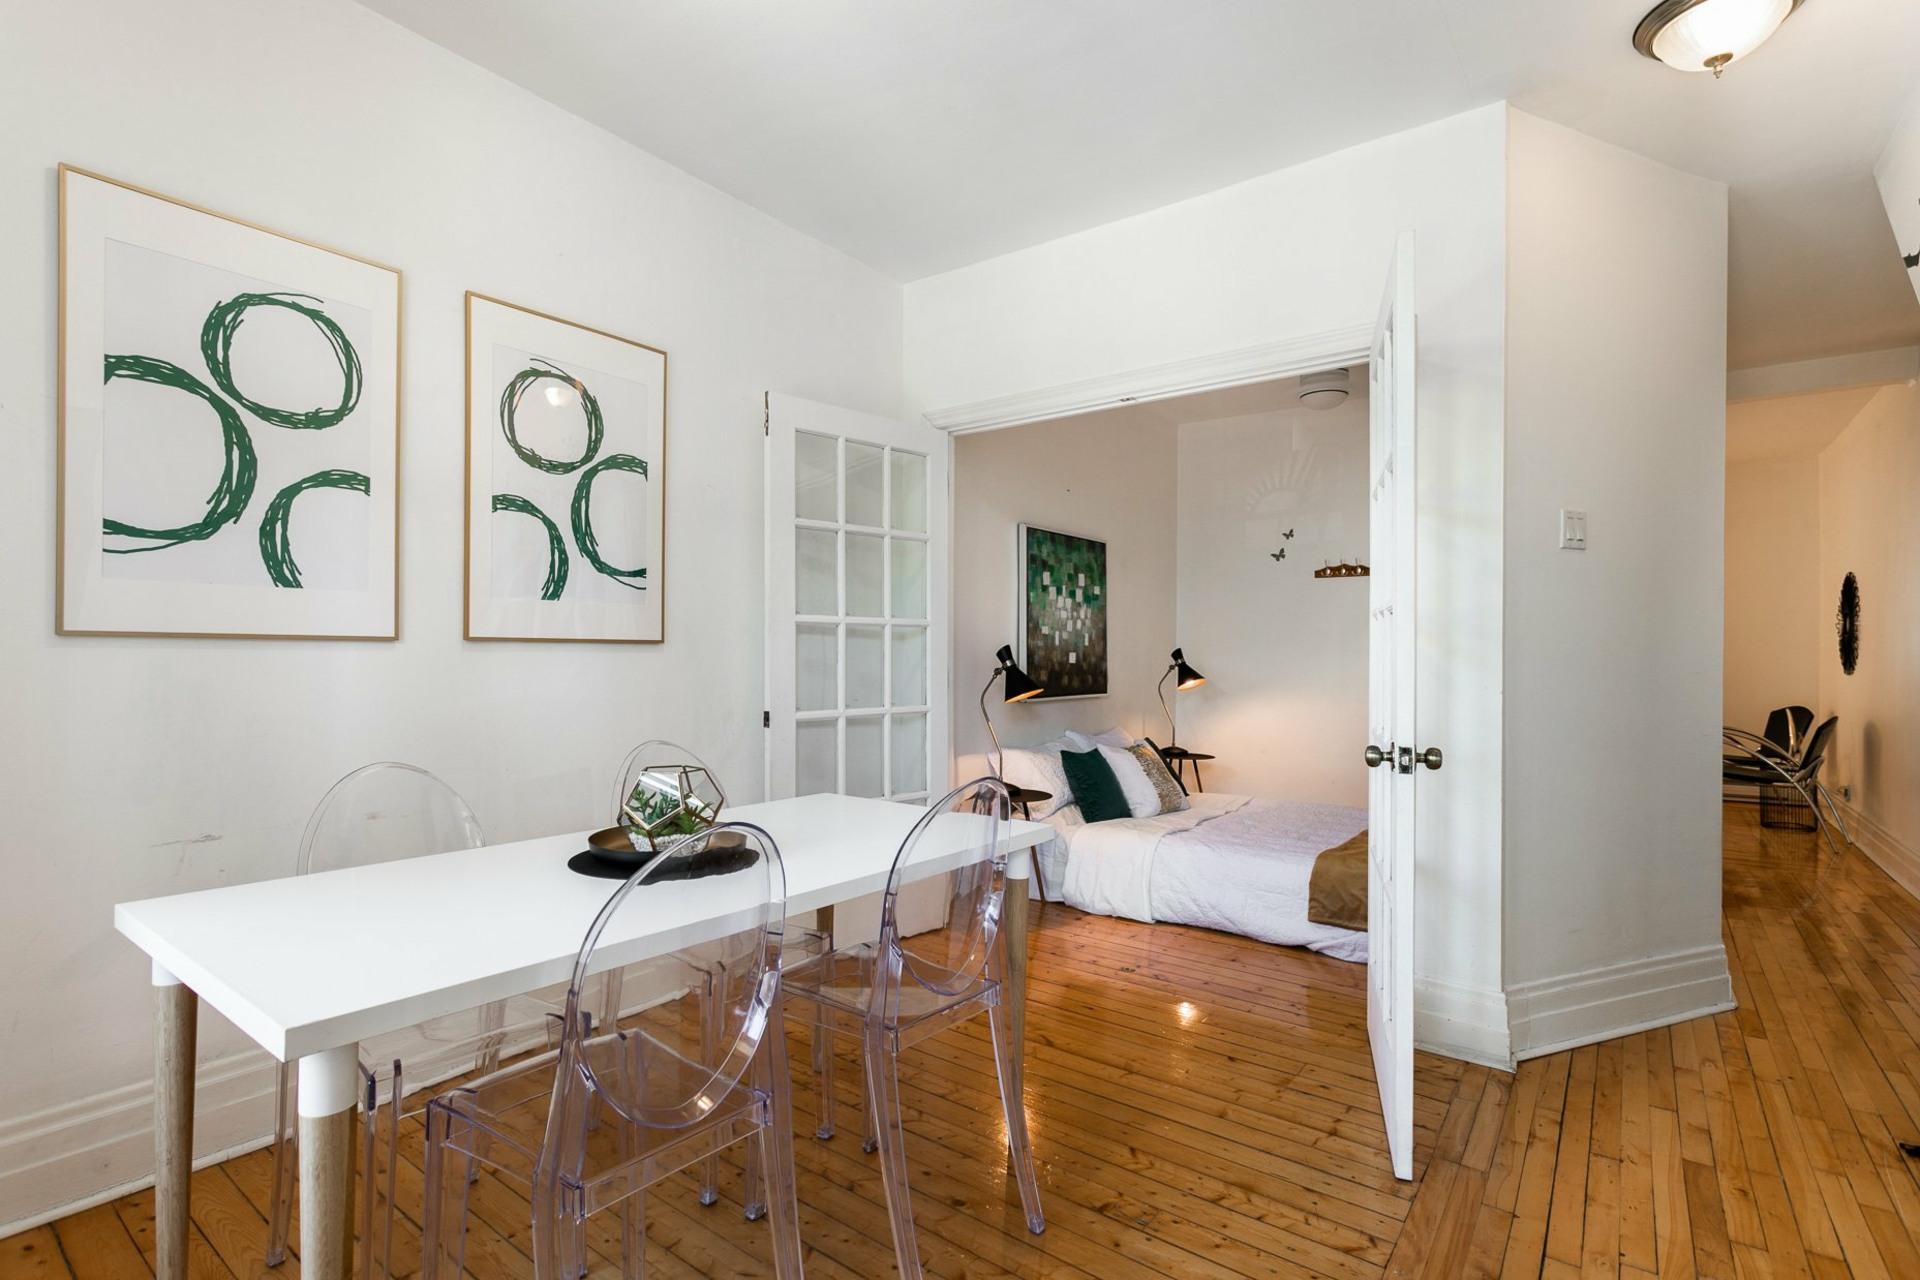 image 3 - Appartement À vendre Le Plateau-Mont-Royal Montréal  - 4 pièces